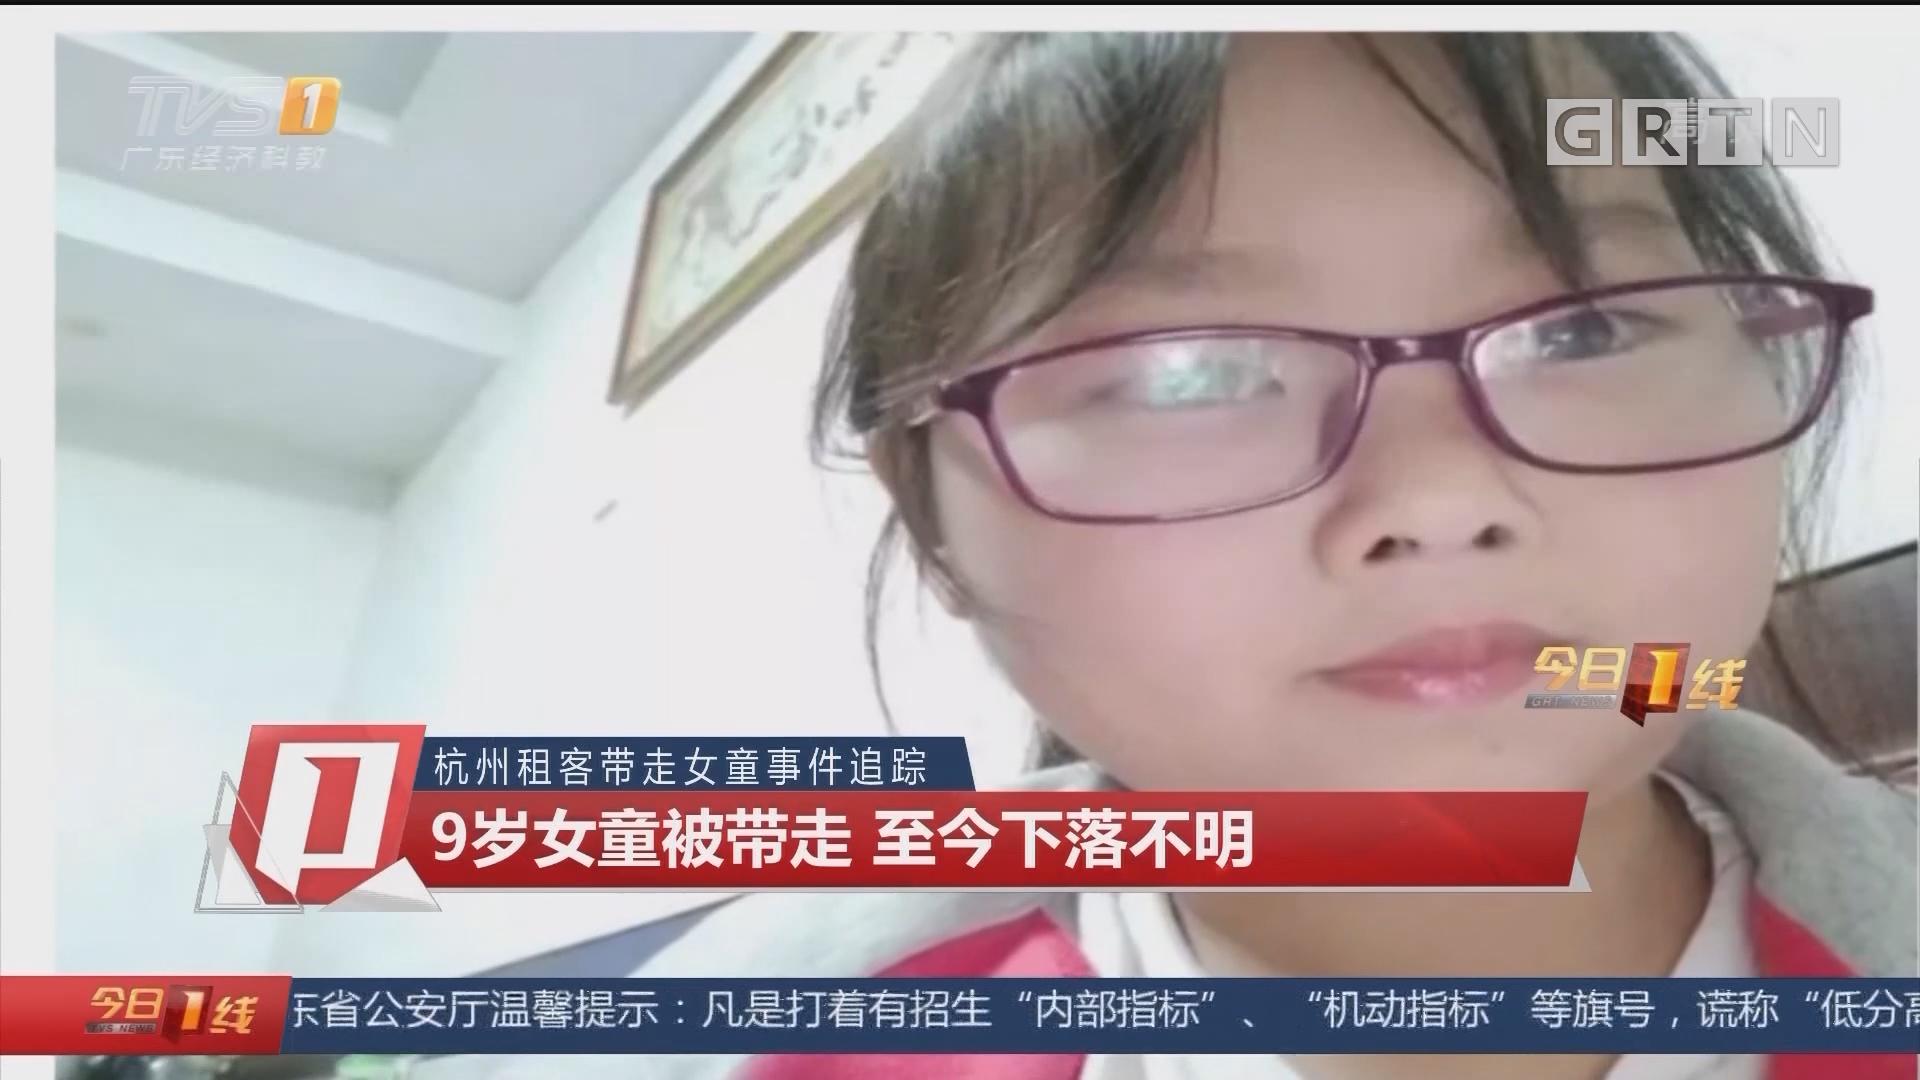 杭州租客带走女童事件追踪:9岁女童被带走 至今下落不明